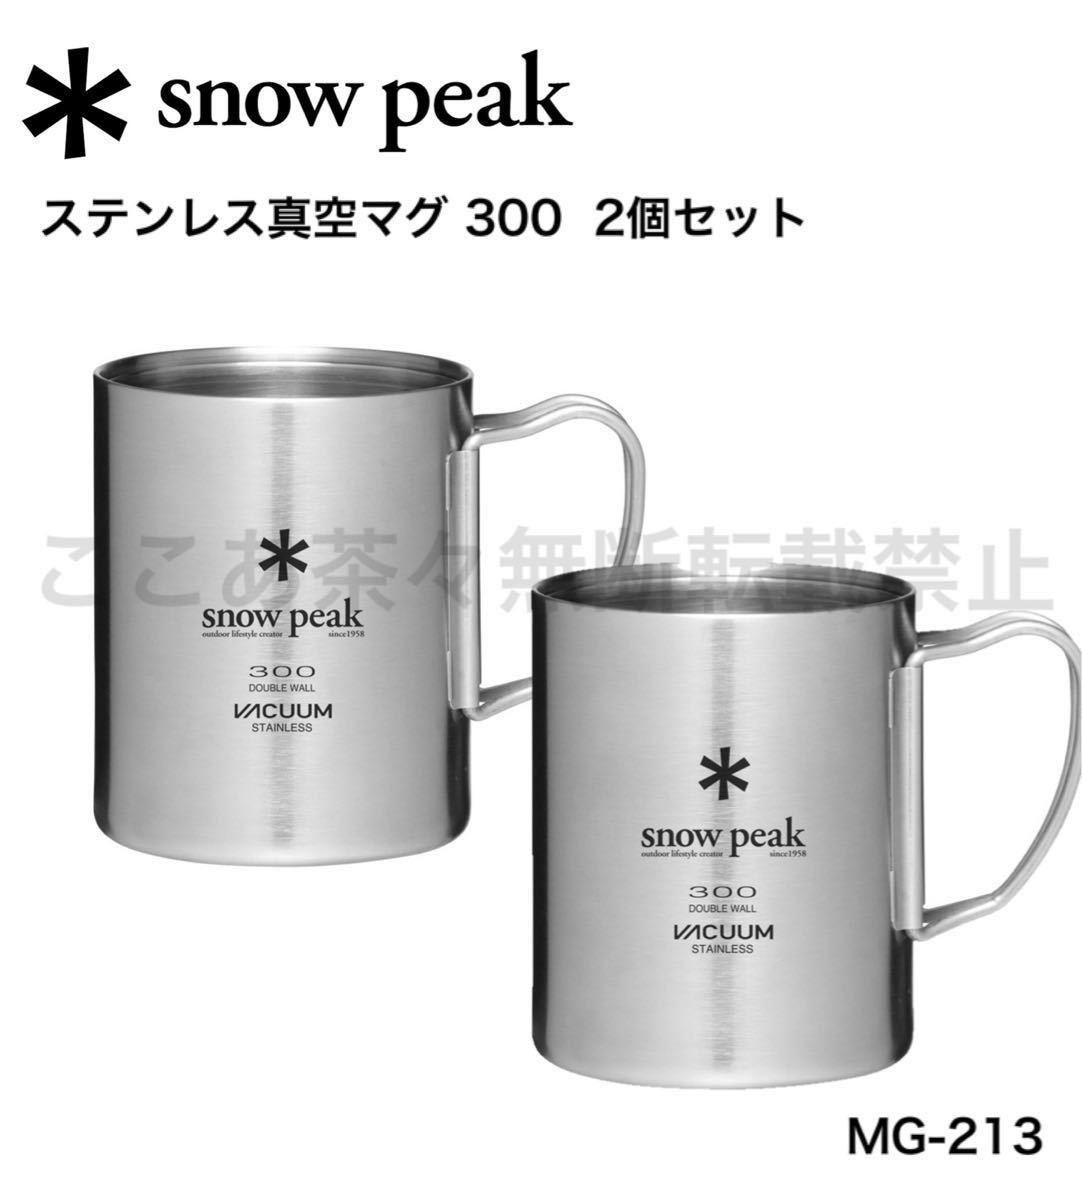 スノーピーク(snow peak)ステンレス真空マグ 300  MG-213  2個セット